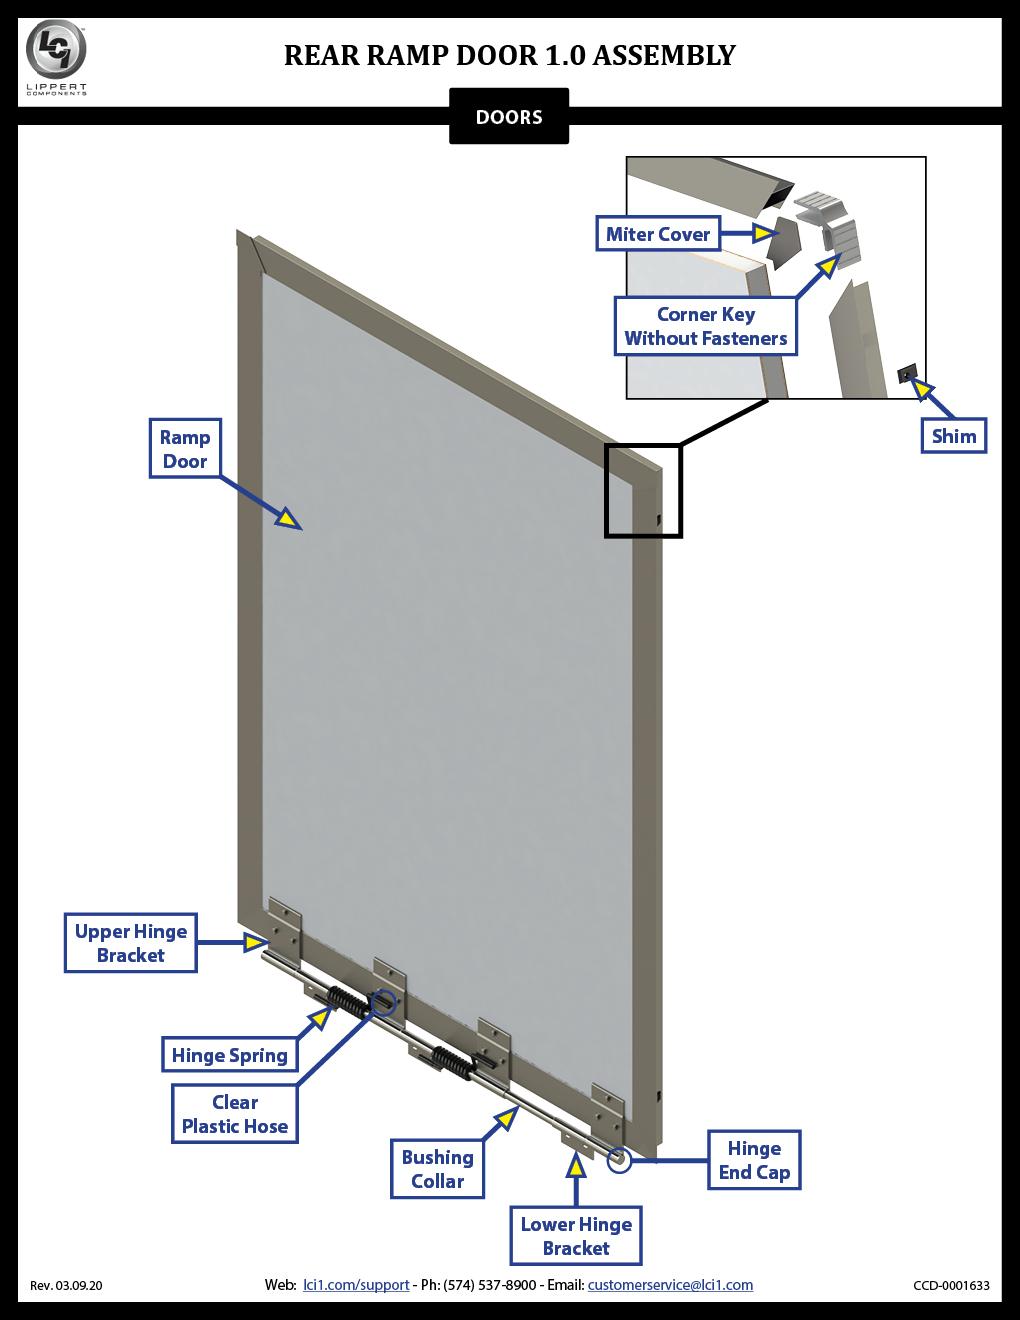 Rear Ramp Door 1.0 Assembly